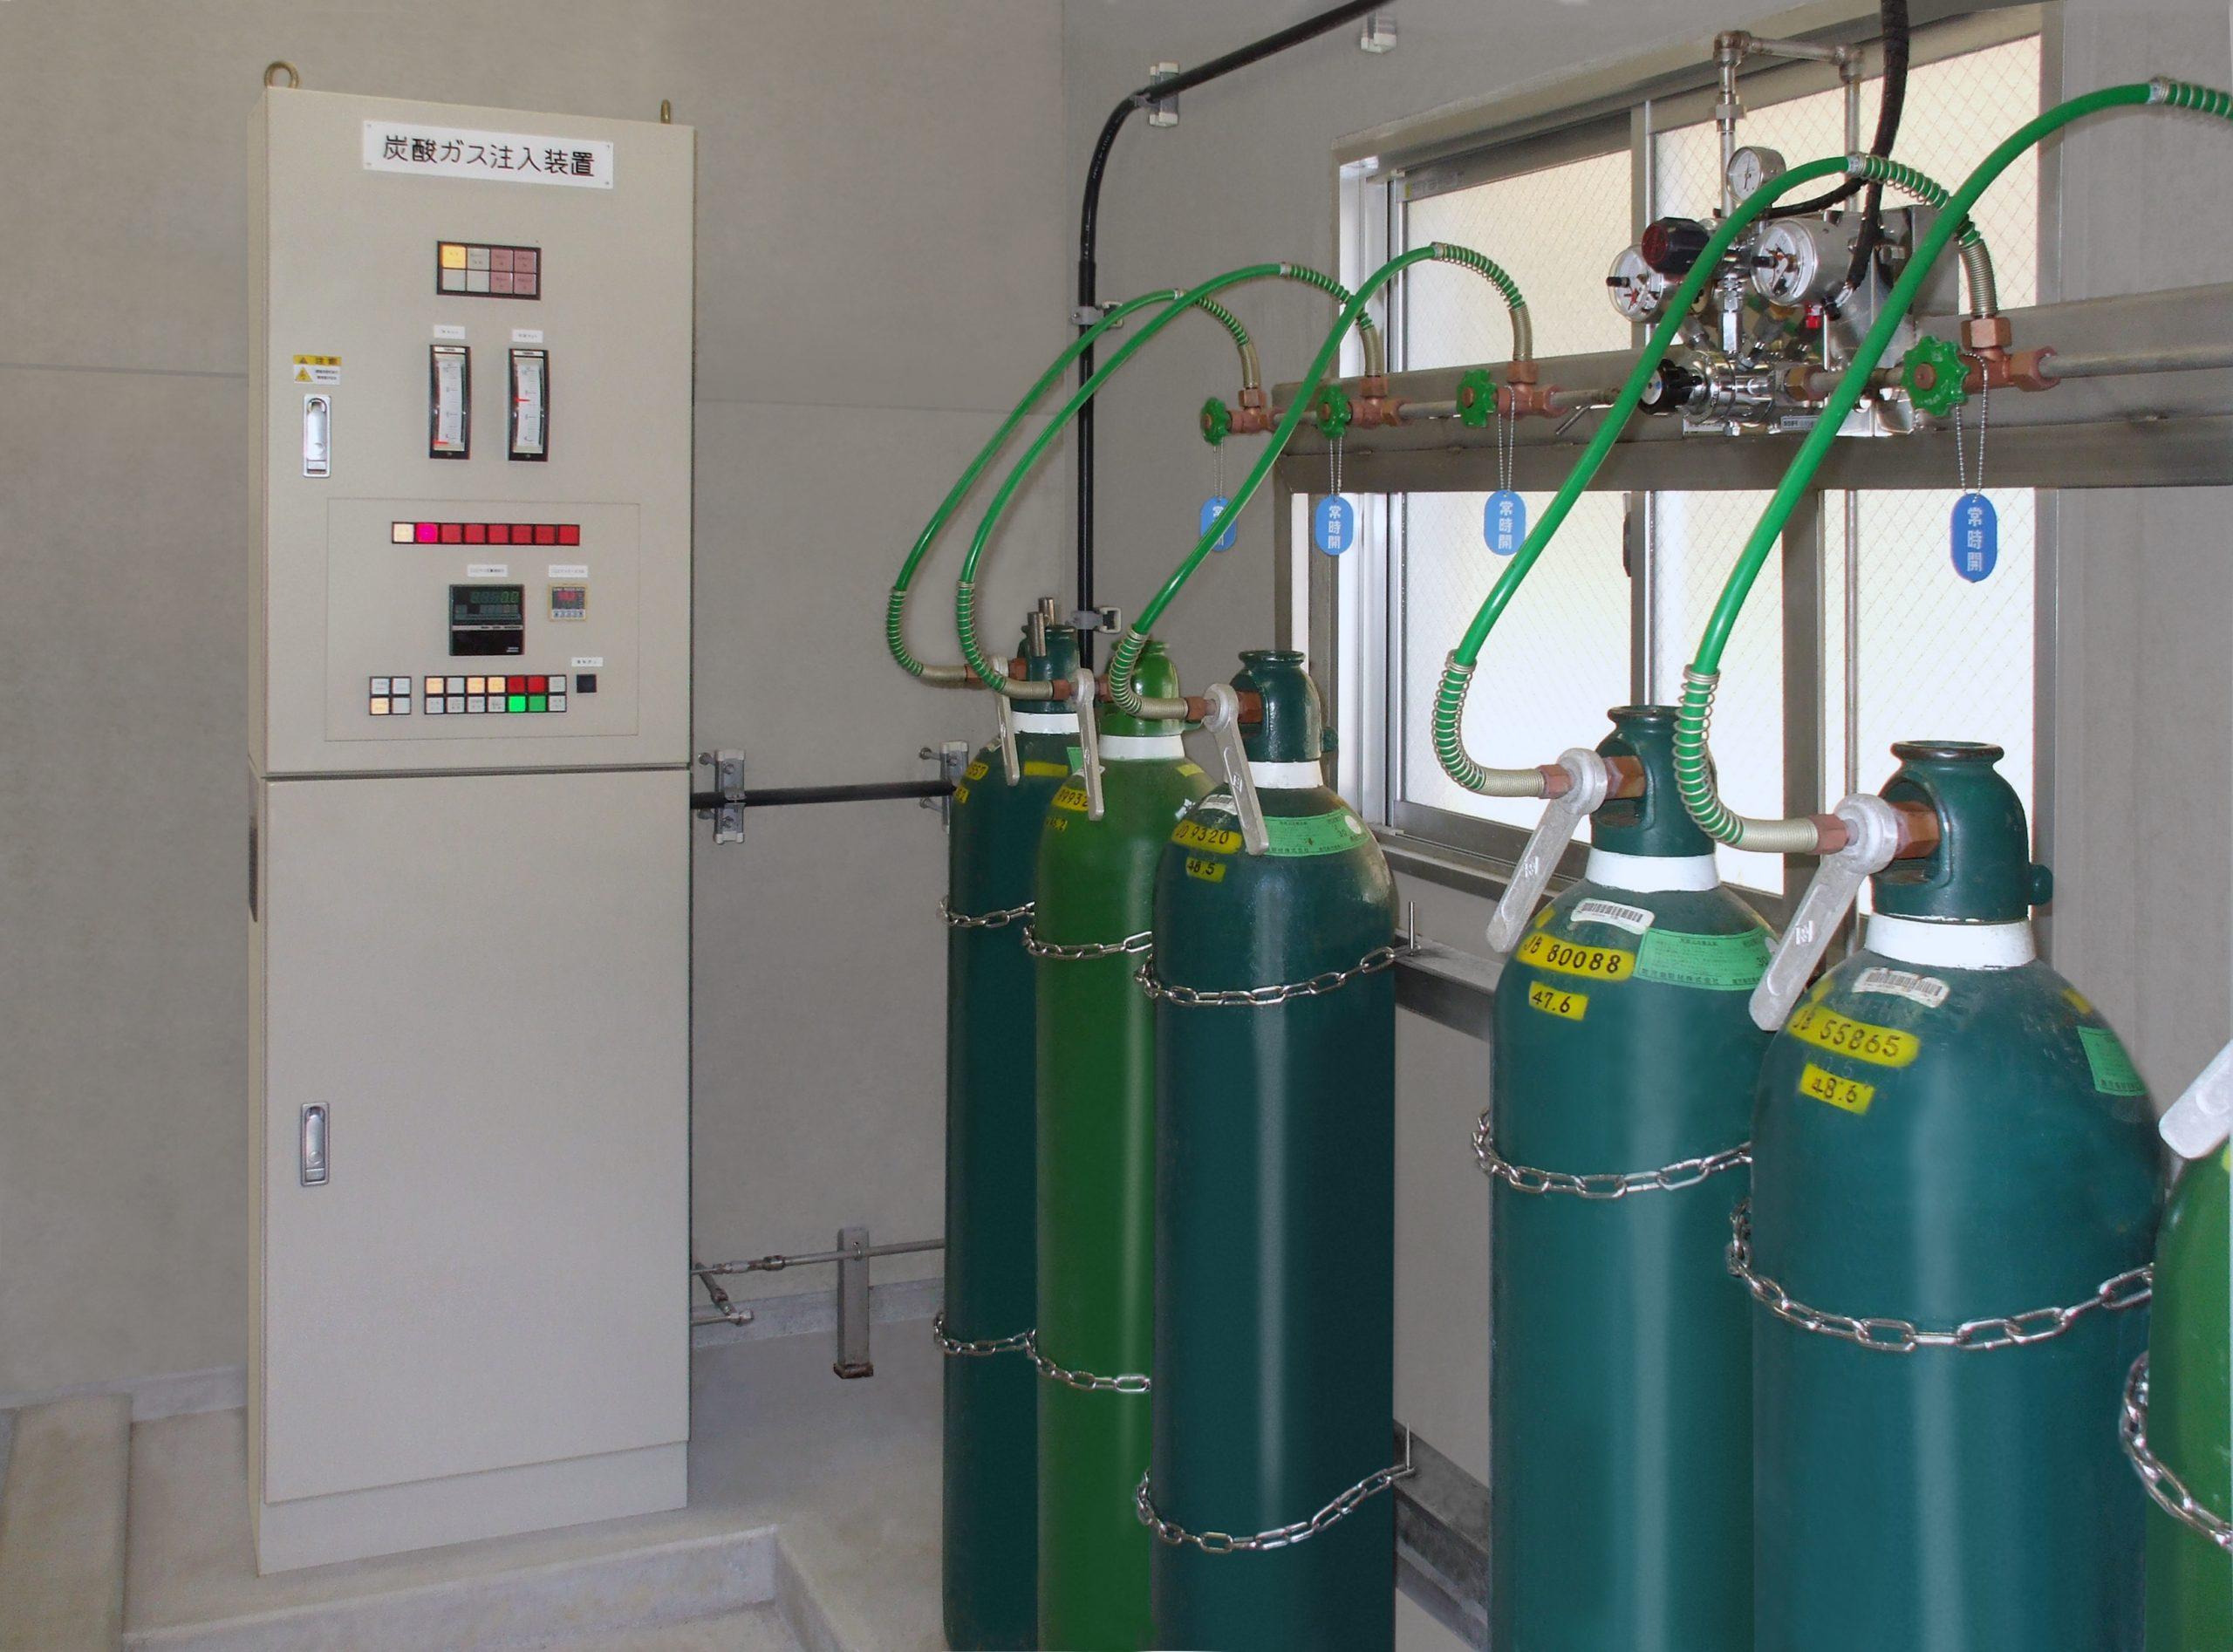 炭酸ガス注入装置 製品写真1